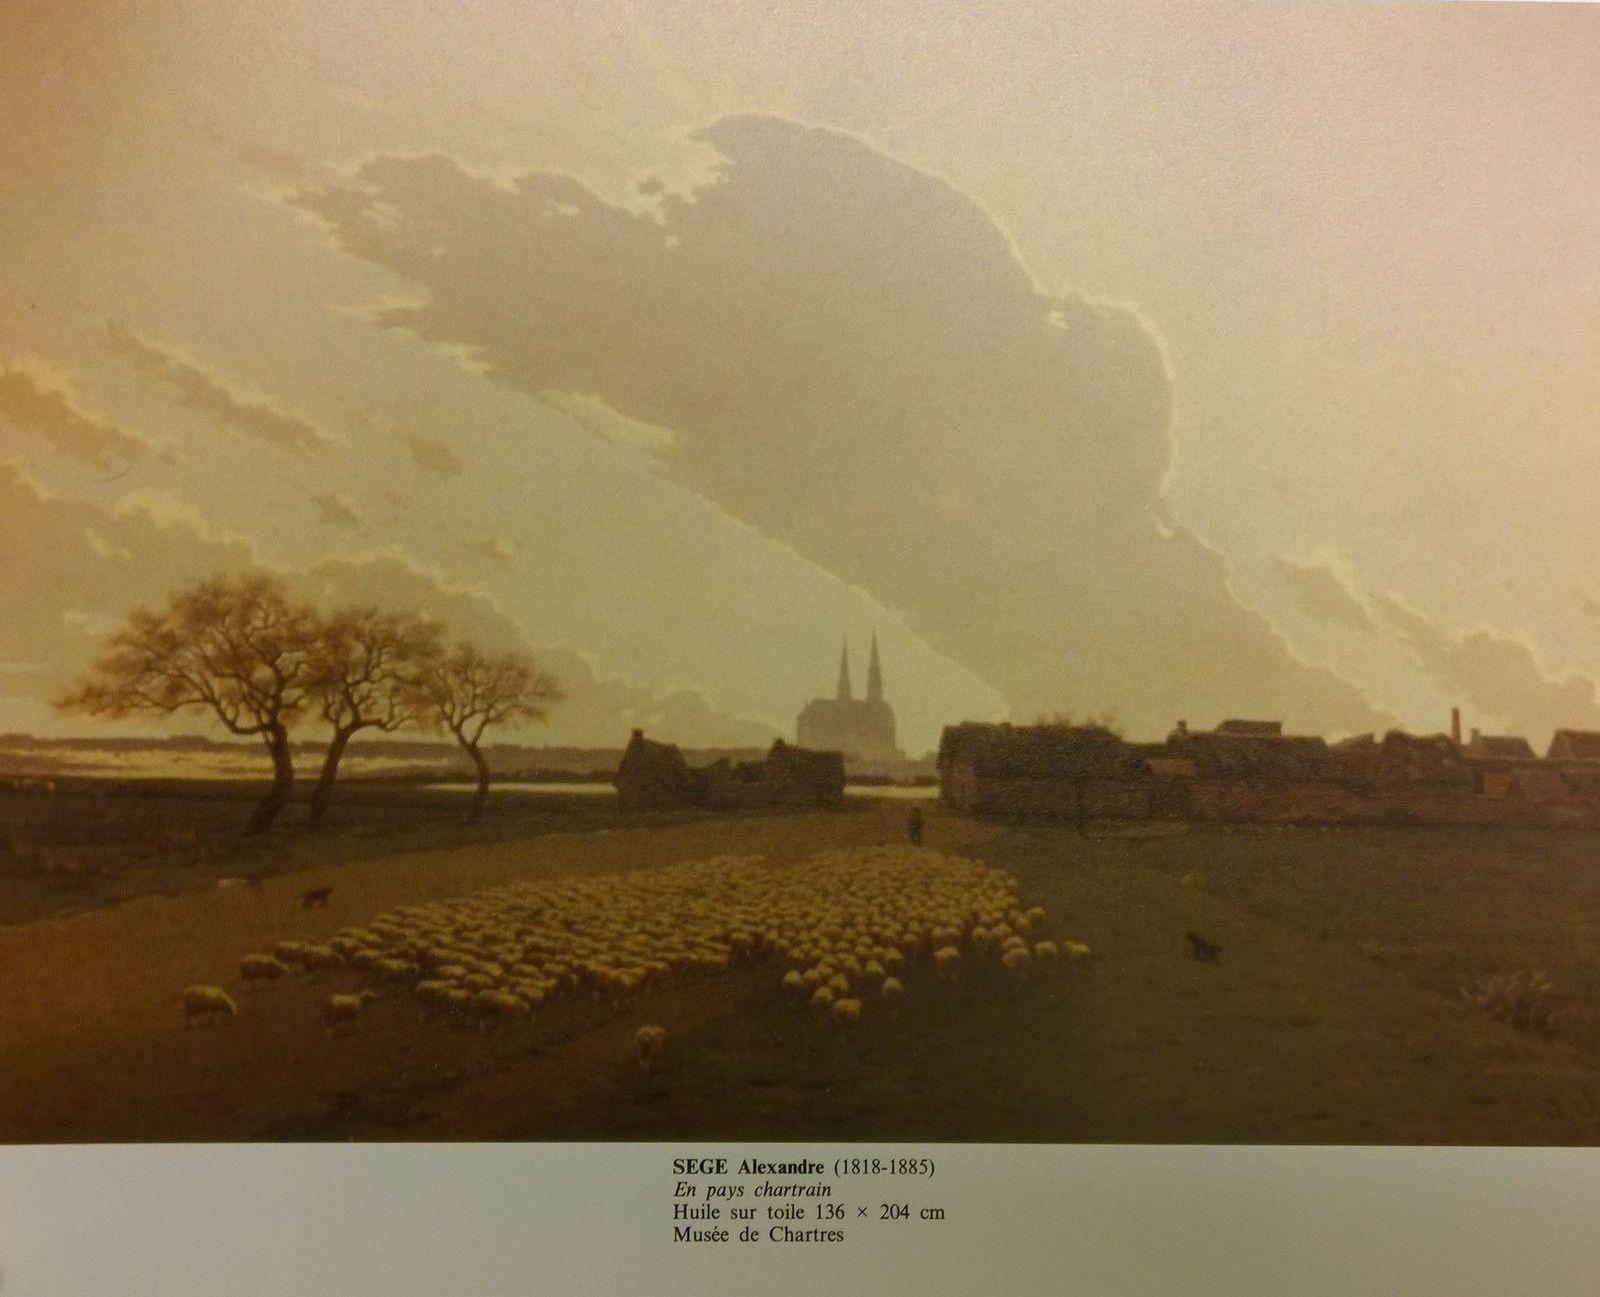 Peinture d'A. Sege vs Ciel maritime Battlefield